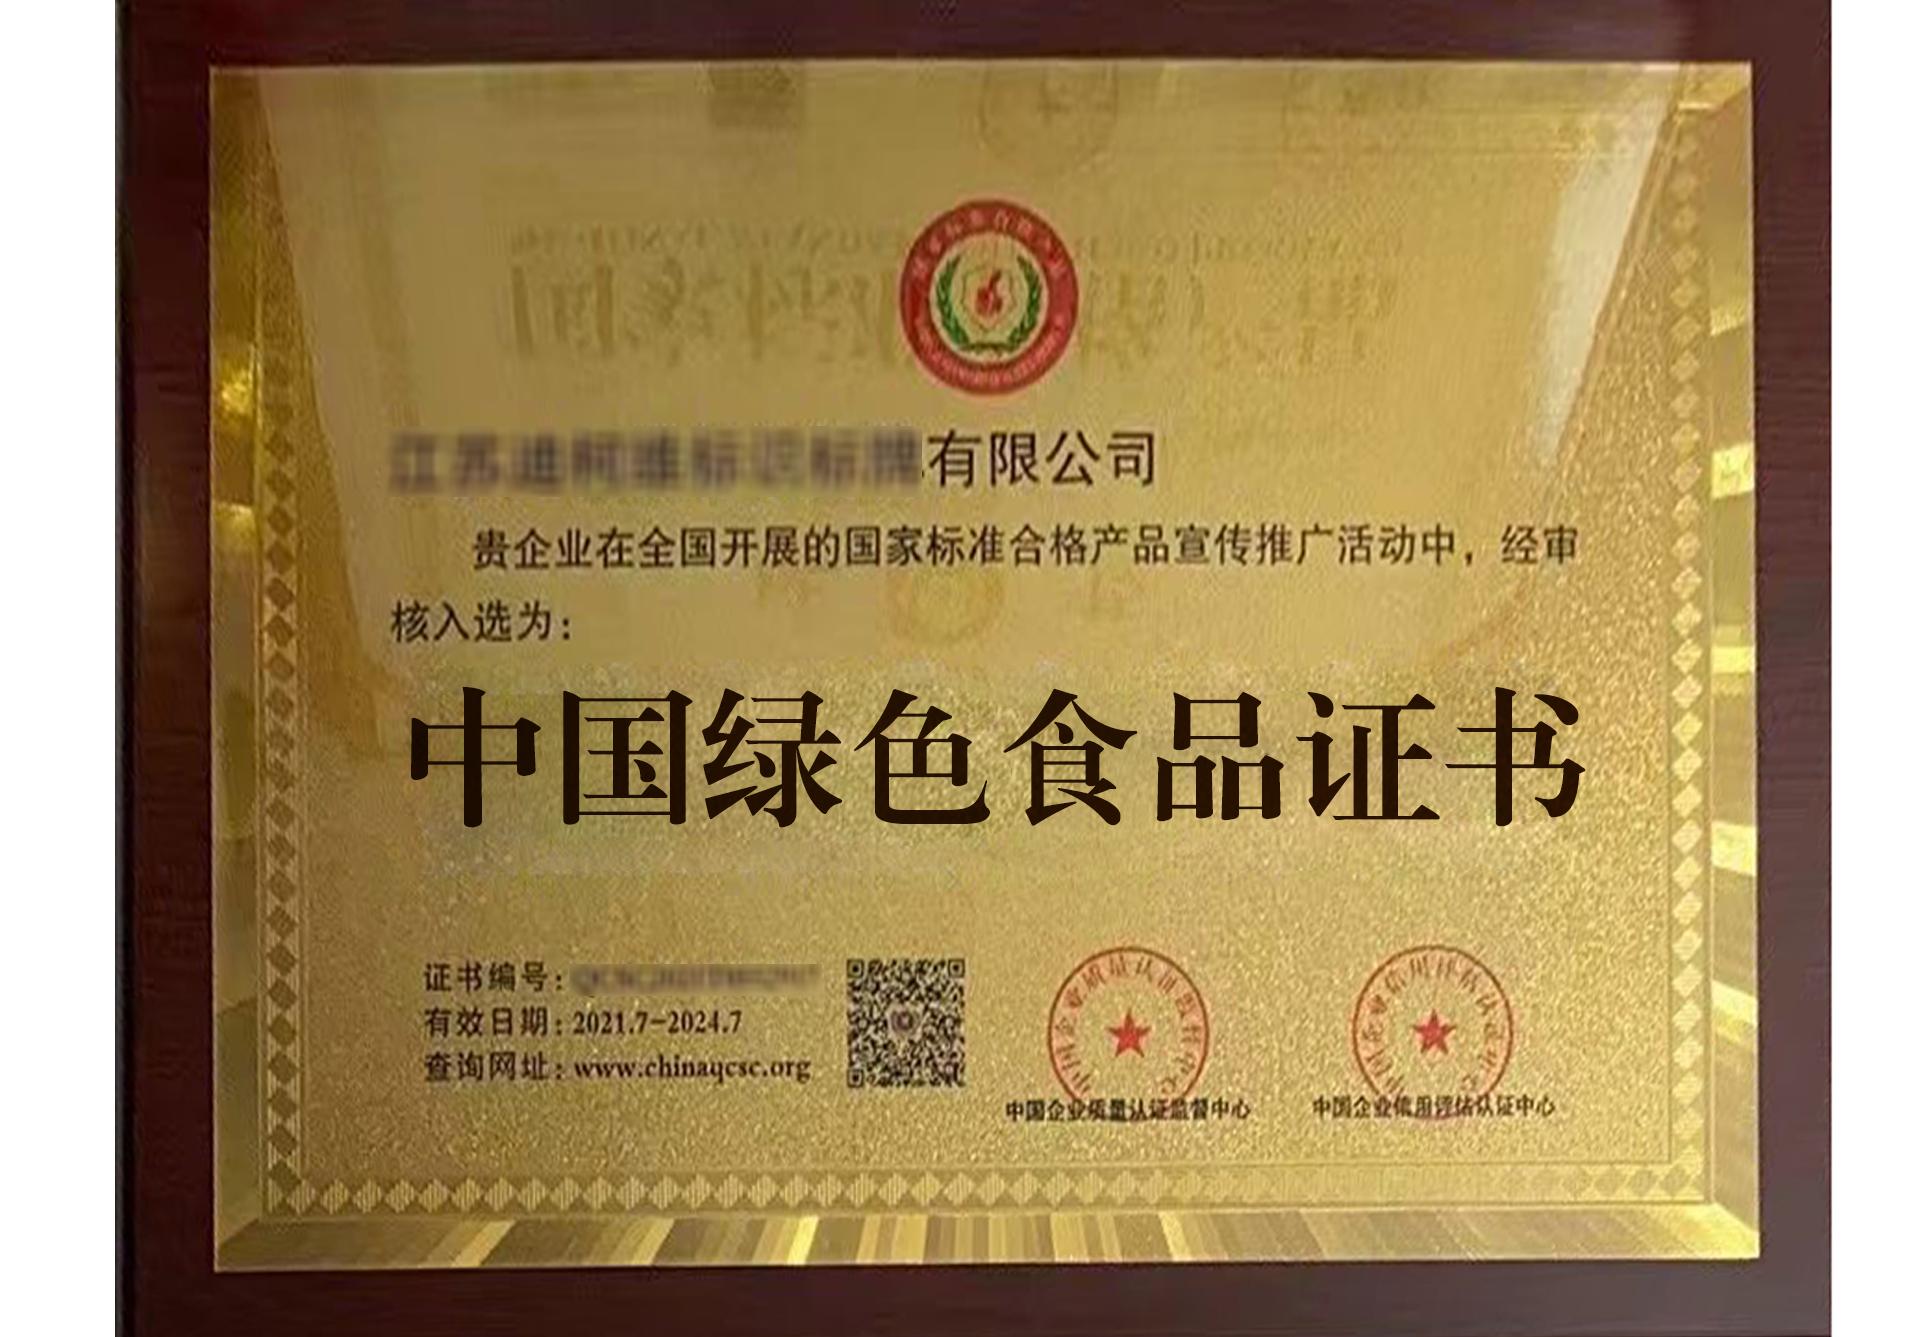 中国绿色食品证书